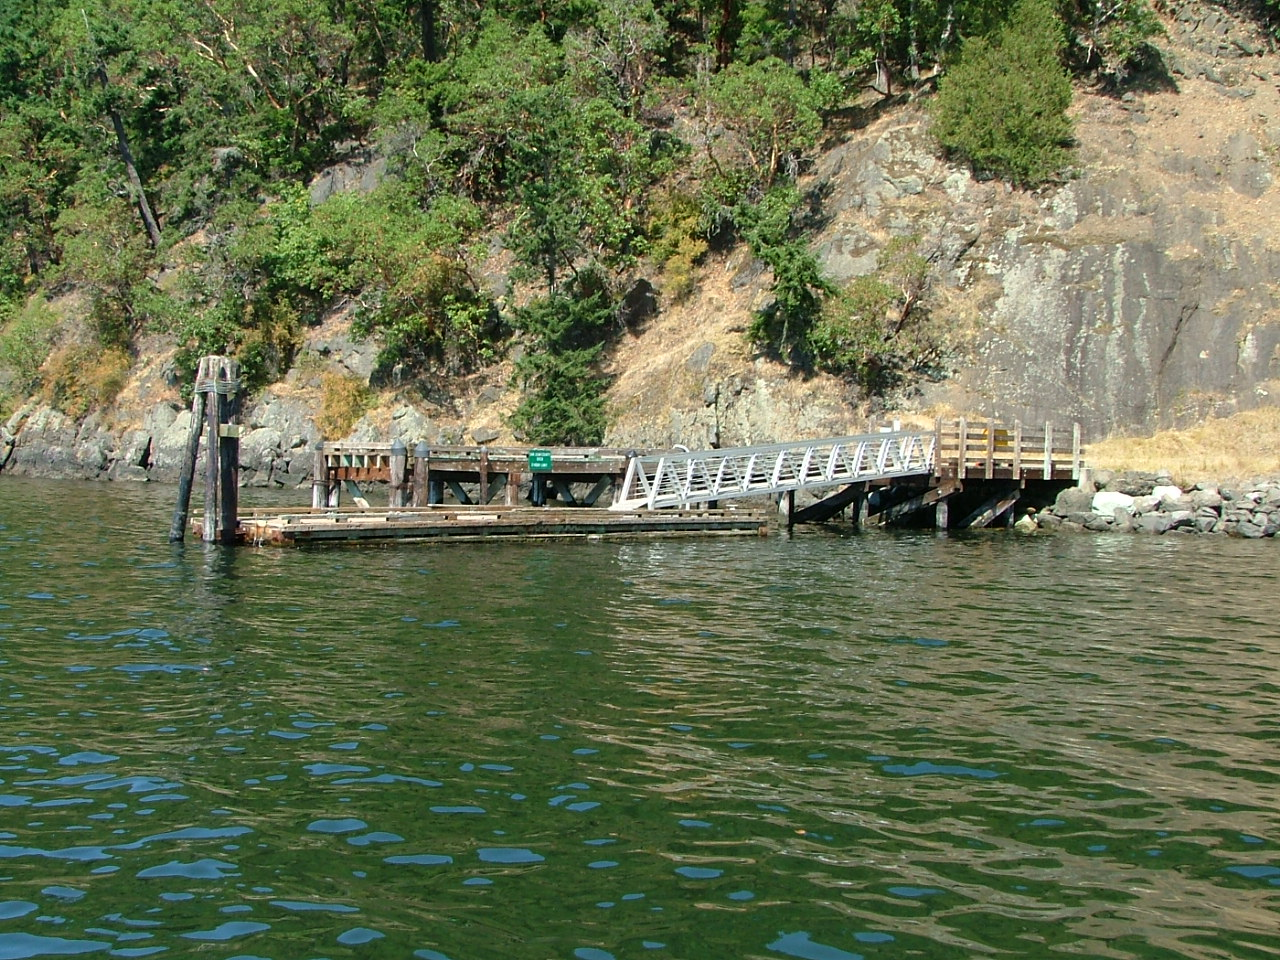 san juan islands boating guide